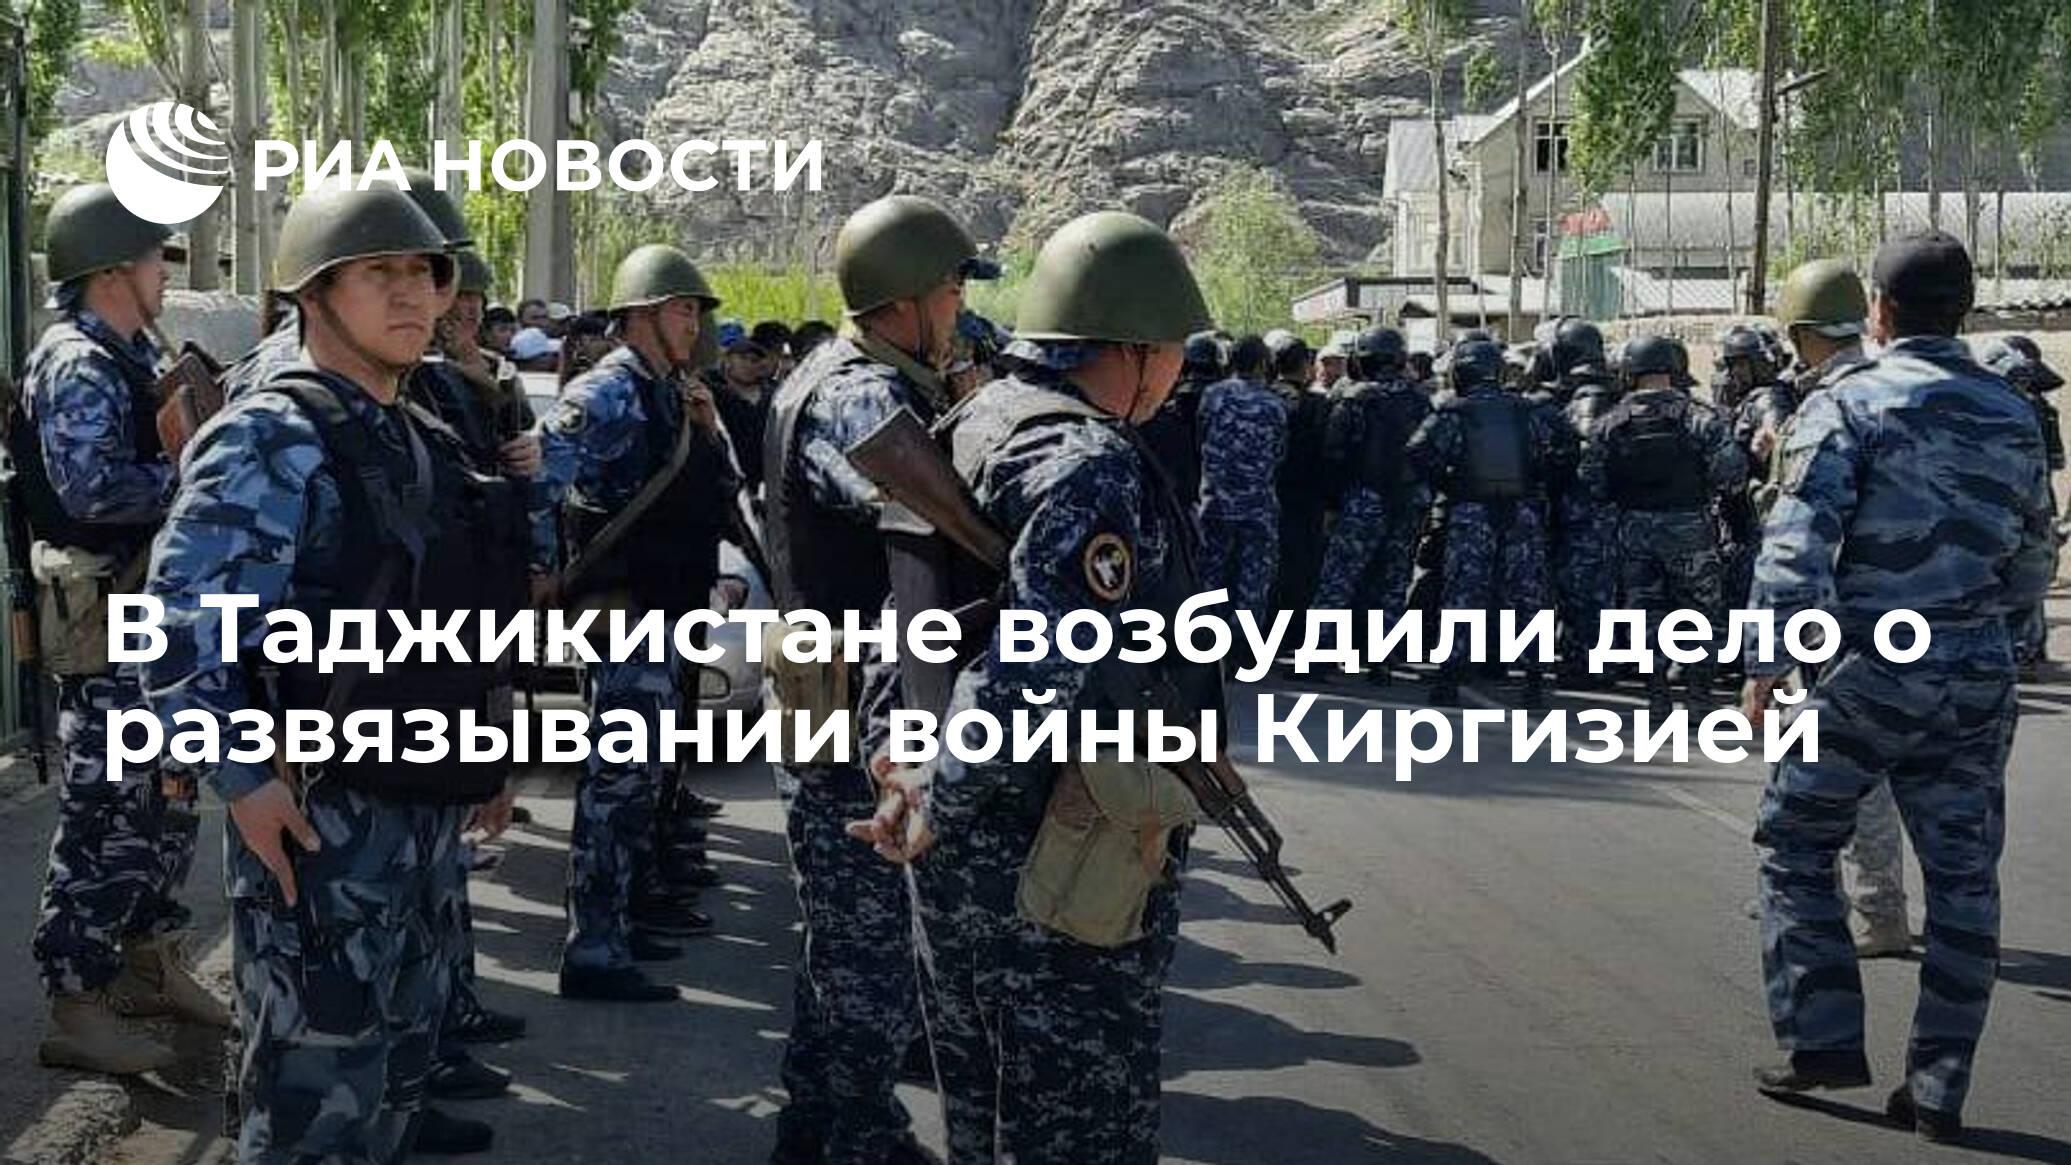 В Таджикистане возбудили дело о развязывании войны Киргизией